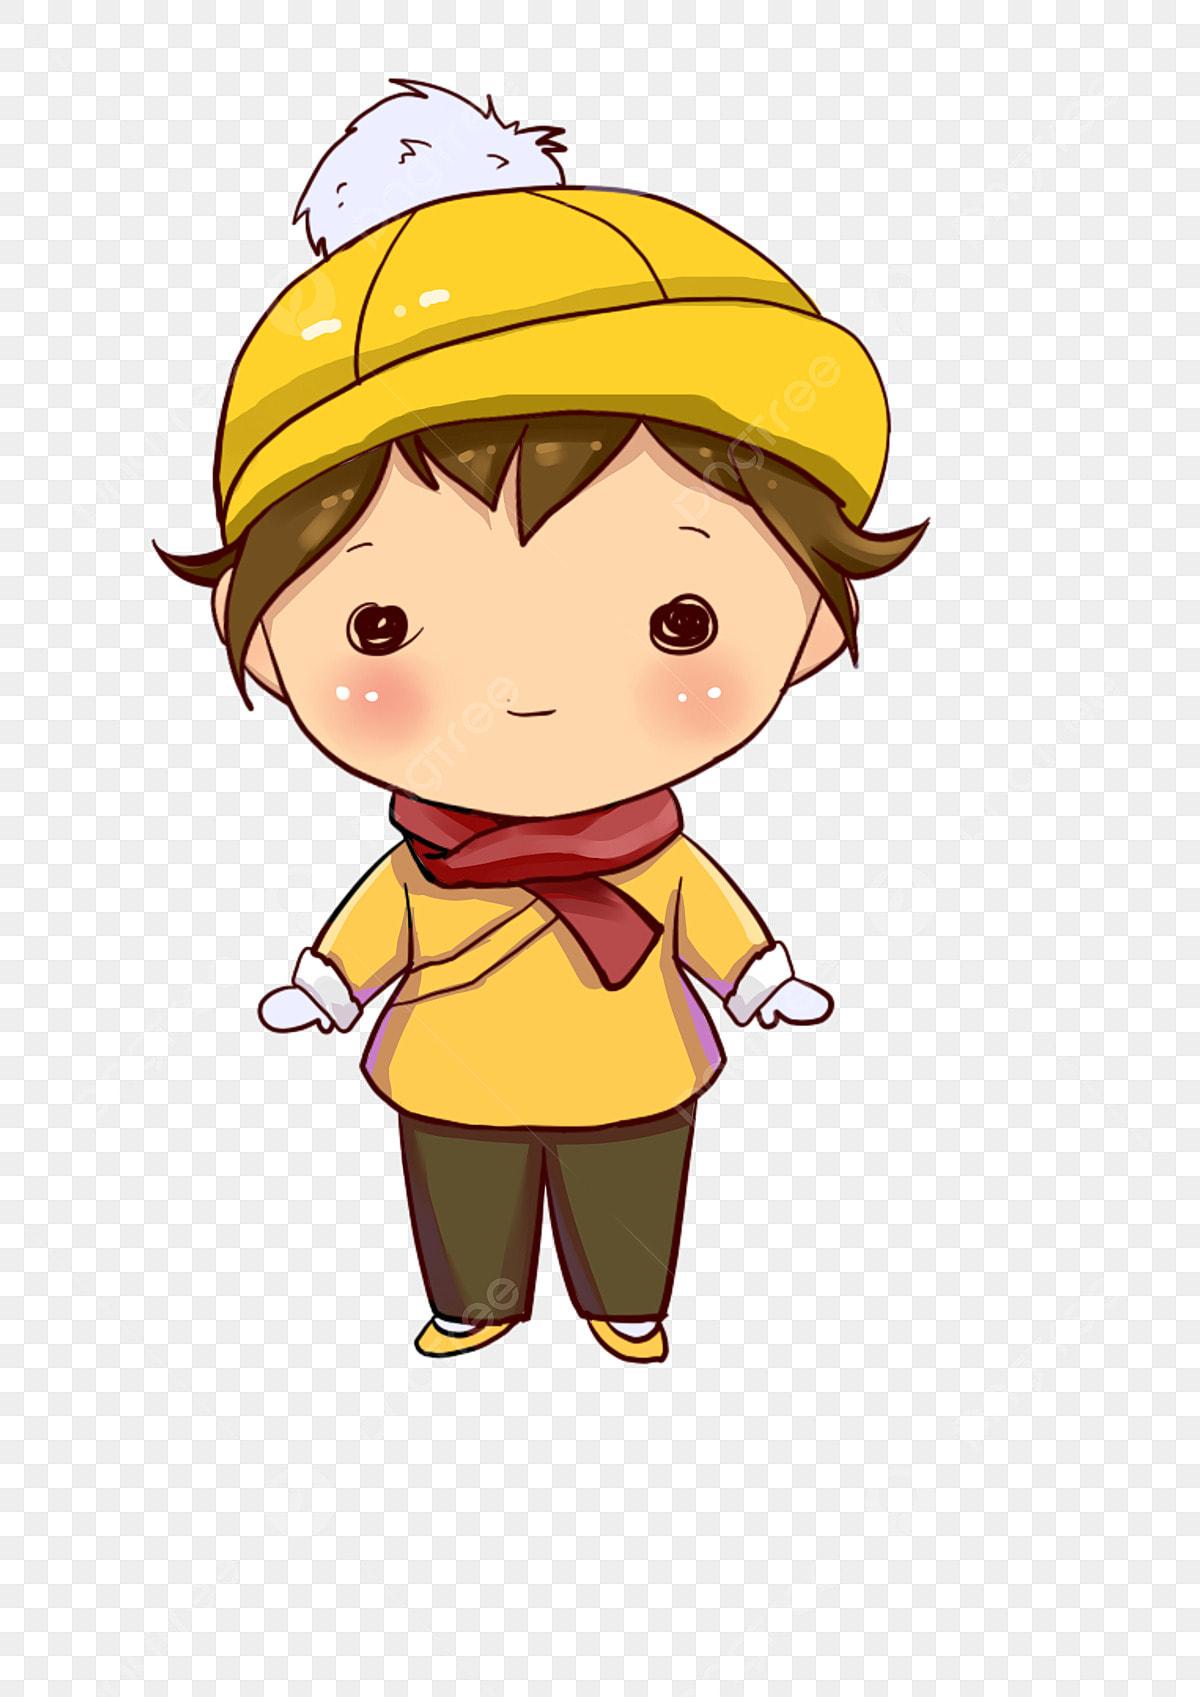 قرية جير أغمق صورة ولد يلبس ثياب كرتون Cabuildingbridges Org